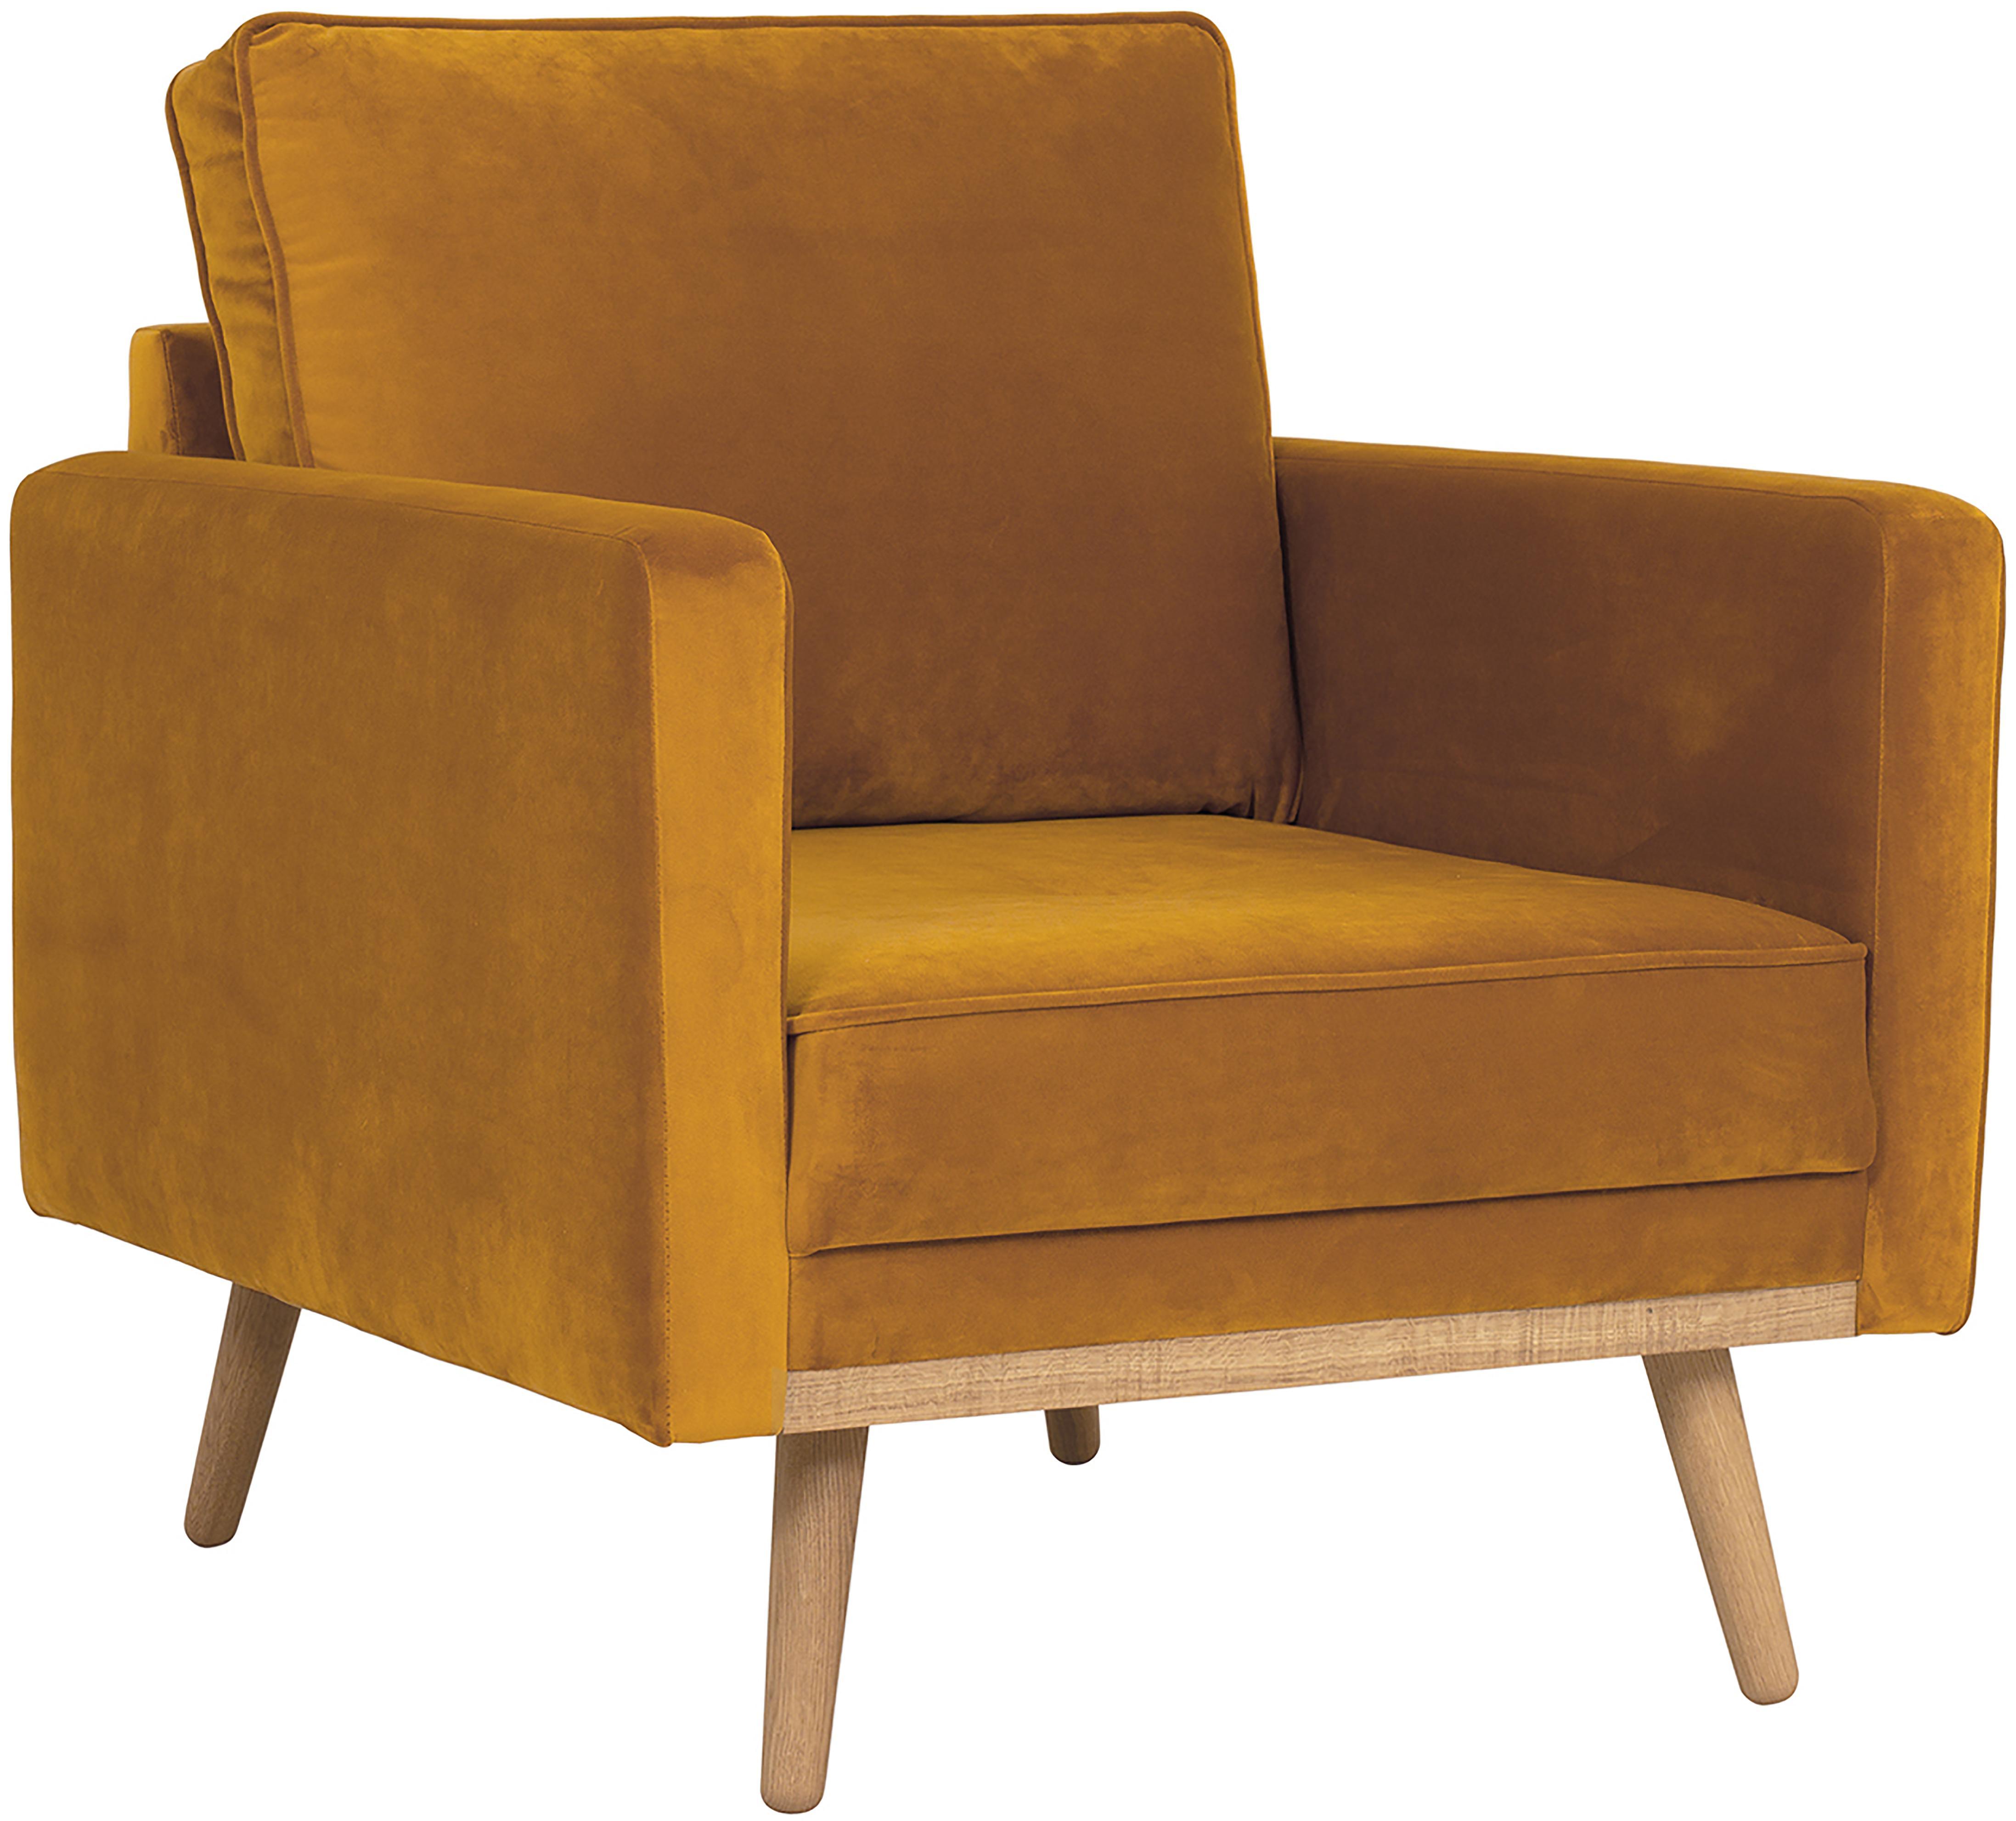 Fotel z aksamitu Saint, Tapicerka: aksamit (poliester) 3500, Stelaż: masywne drewno sosnowe, p, Aksamitny musztardowy, S 85 x G 76 cm